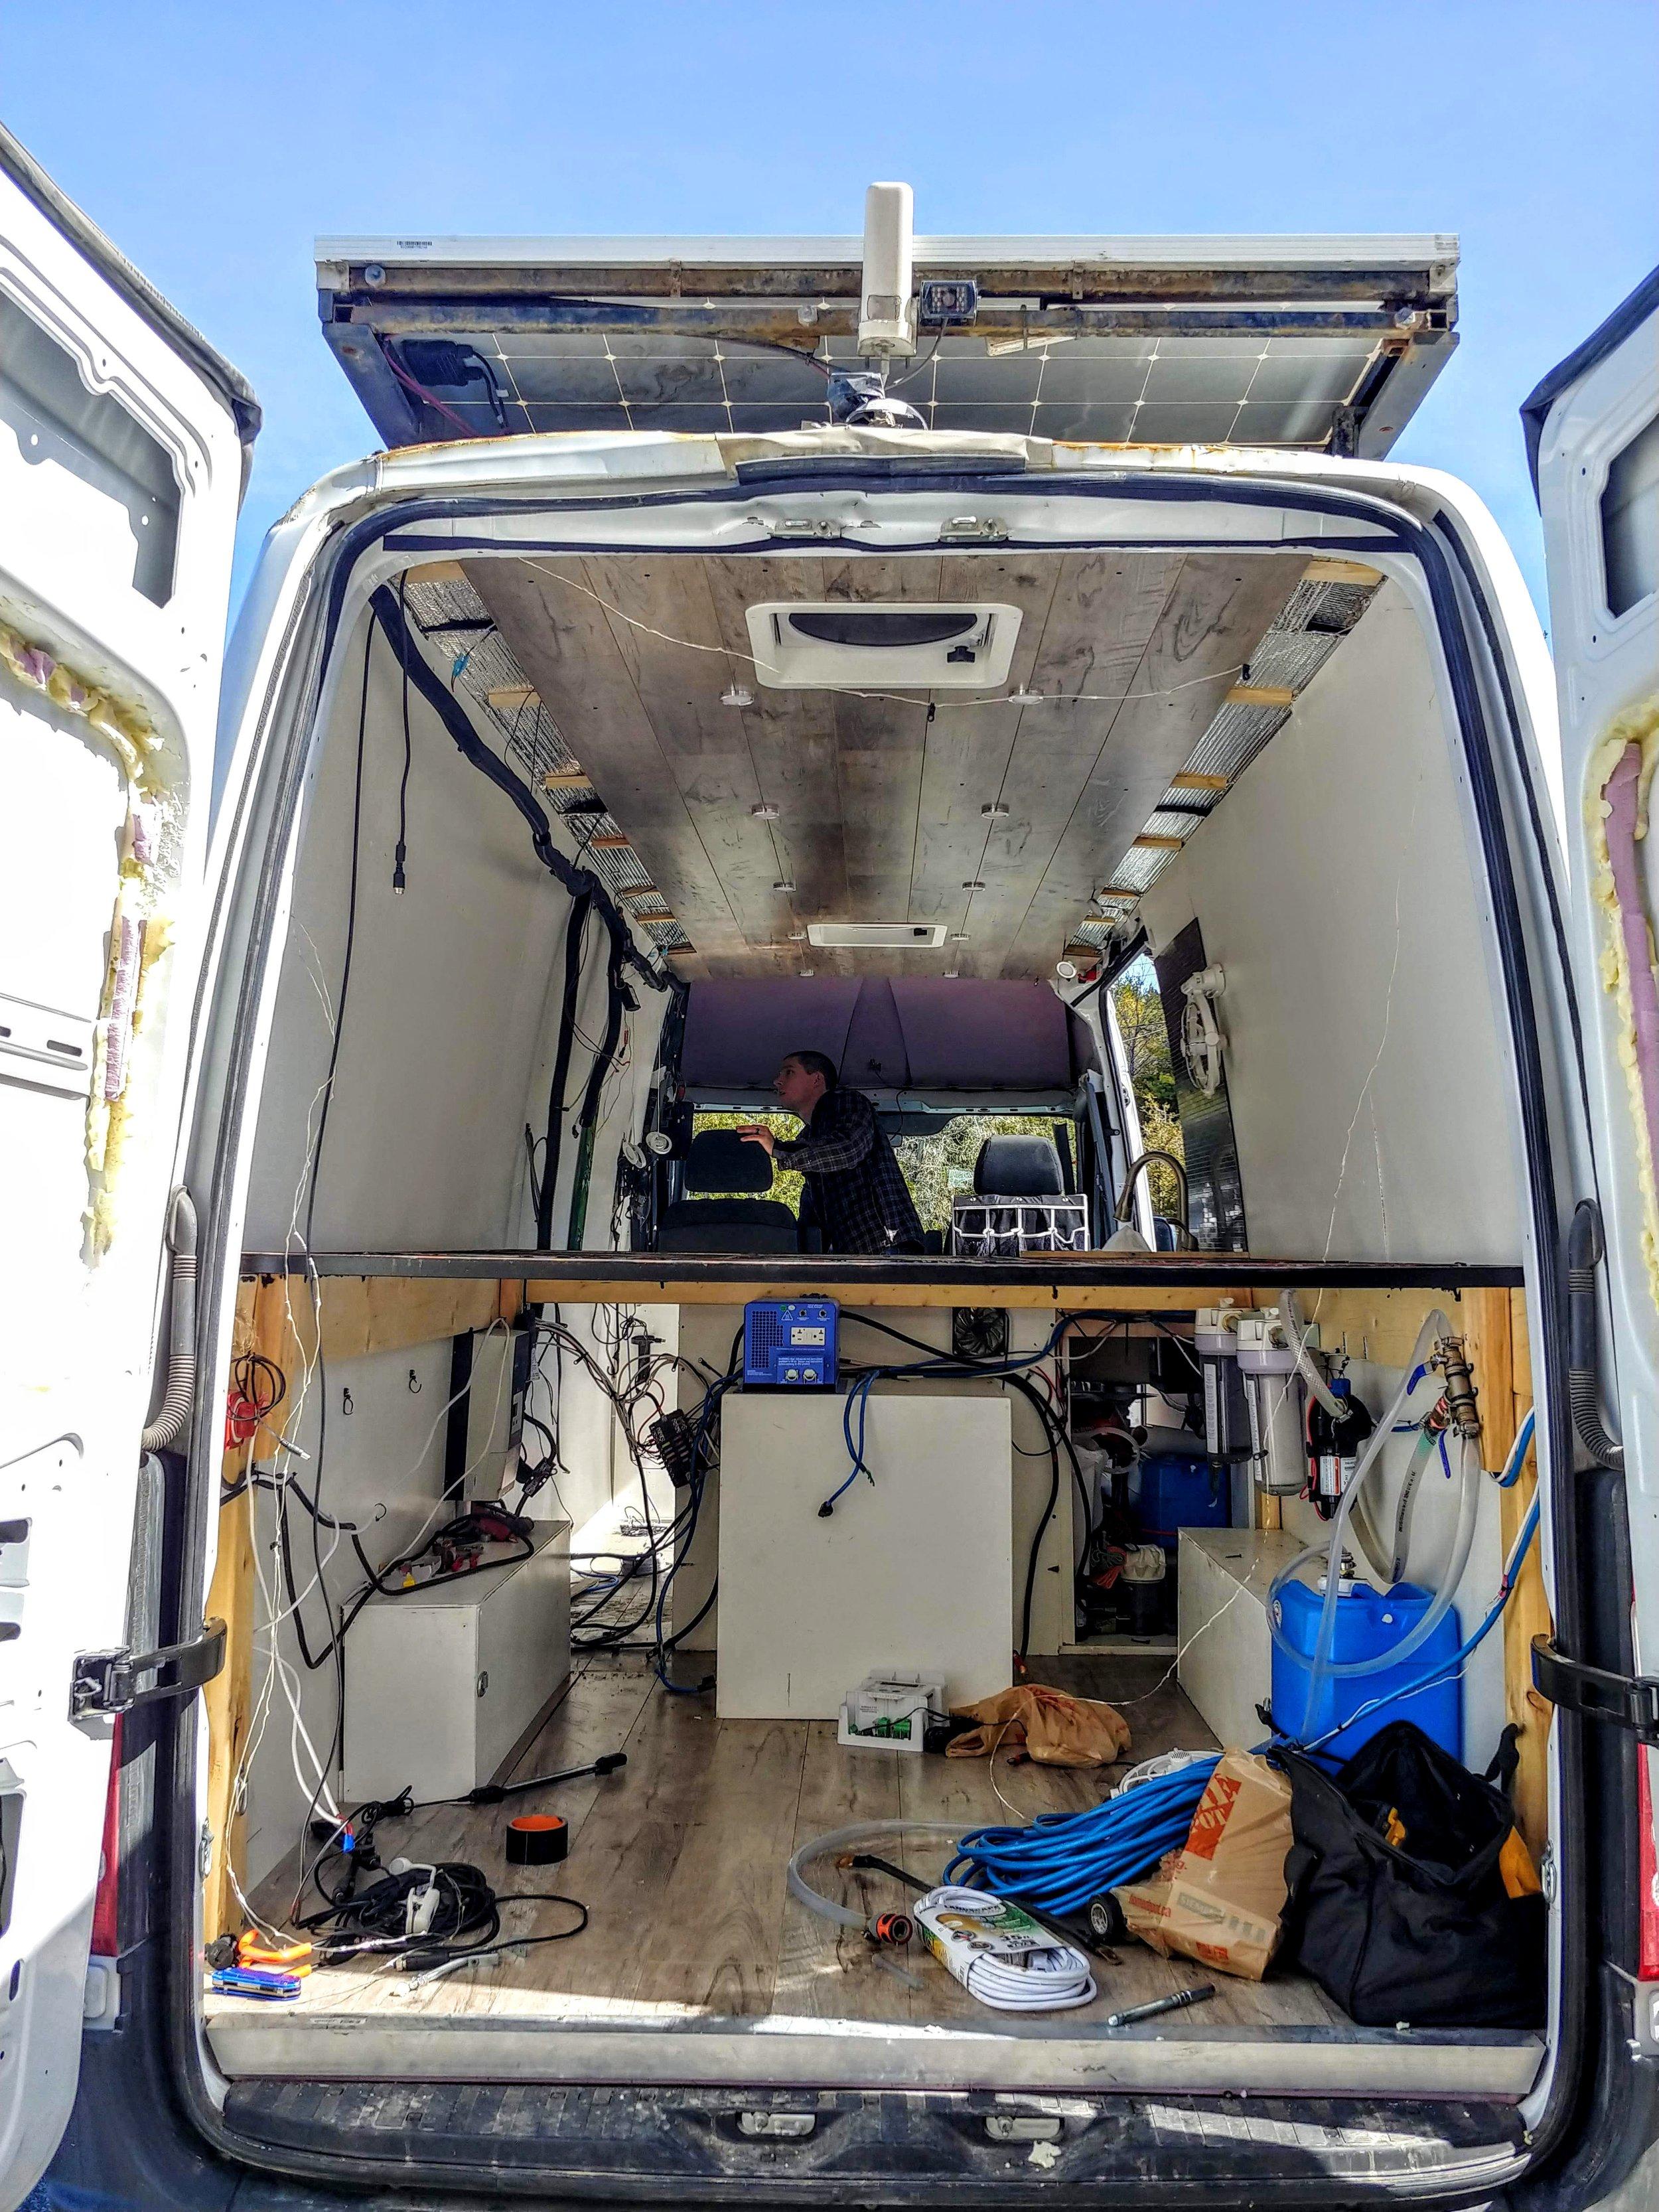 Preparing the van for body repairs & electrical upgrade - April 2019